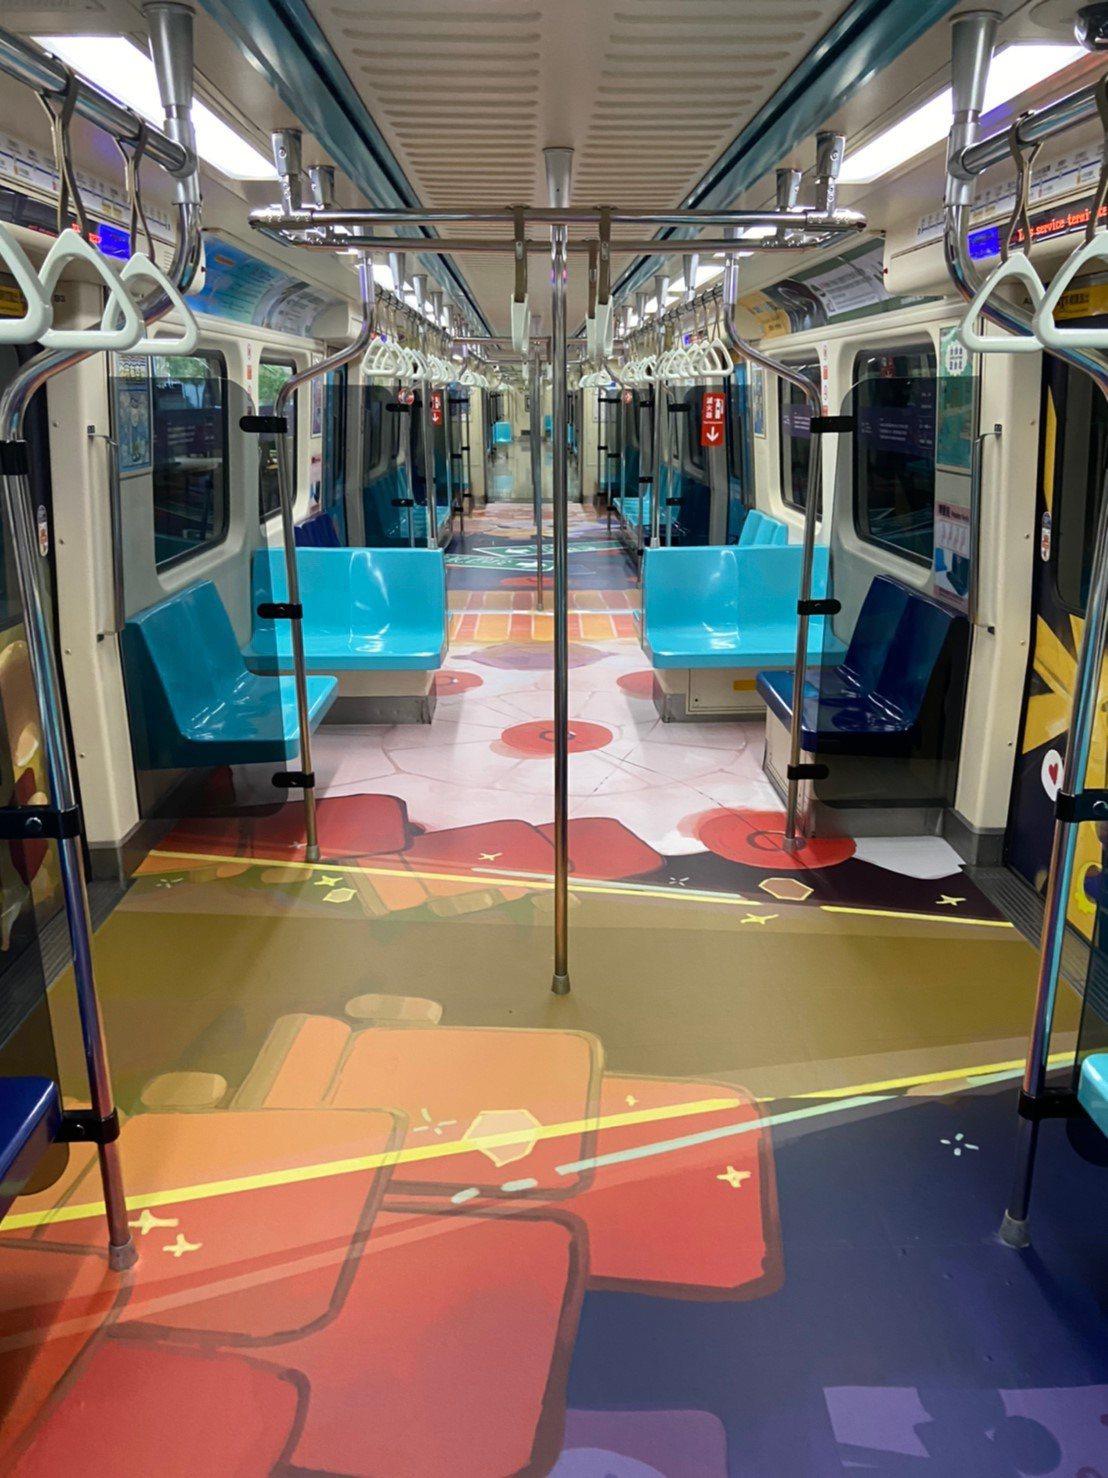 2020台北燈節專屬彩繪列車__每天早上6點起在板南線準時發車,提前為台北燈節暖...